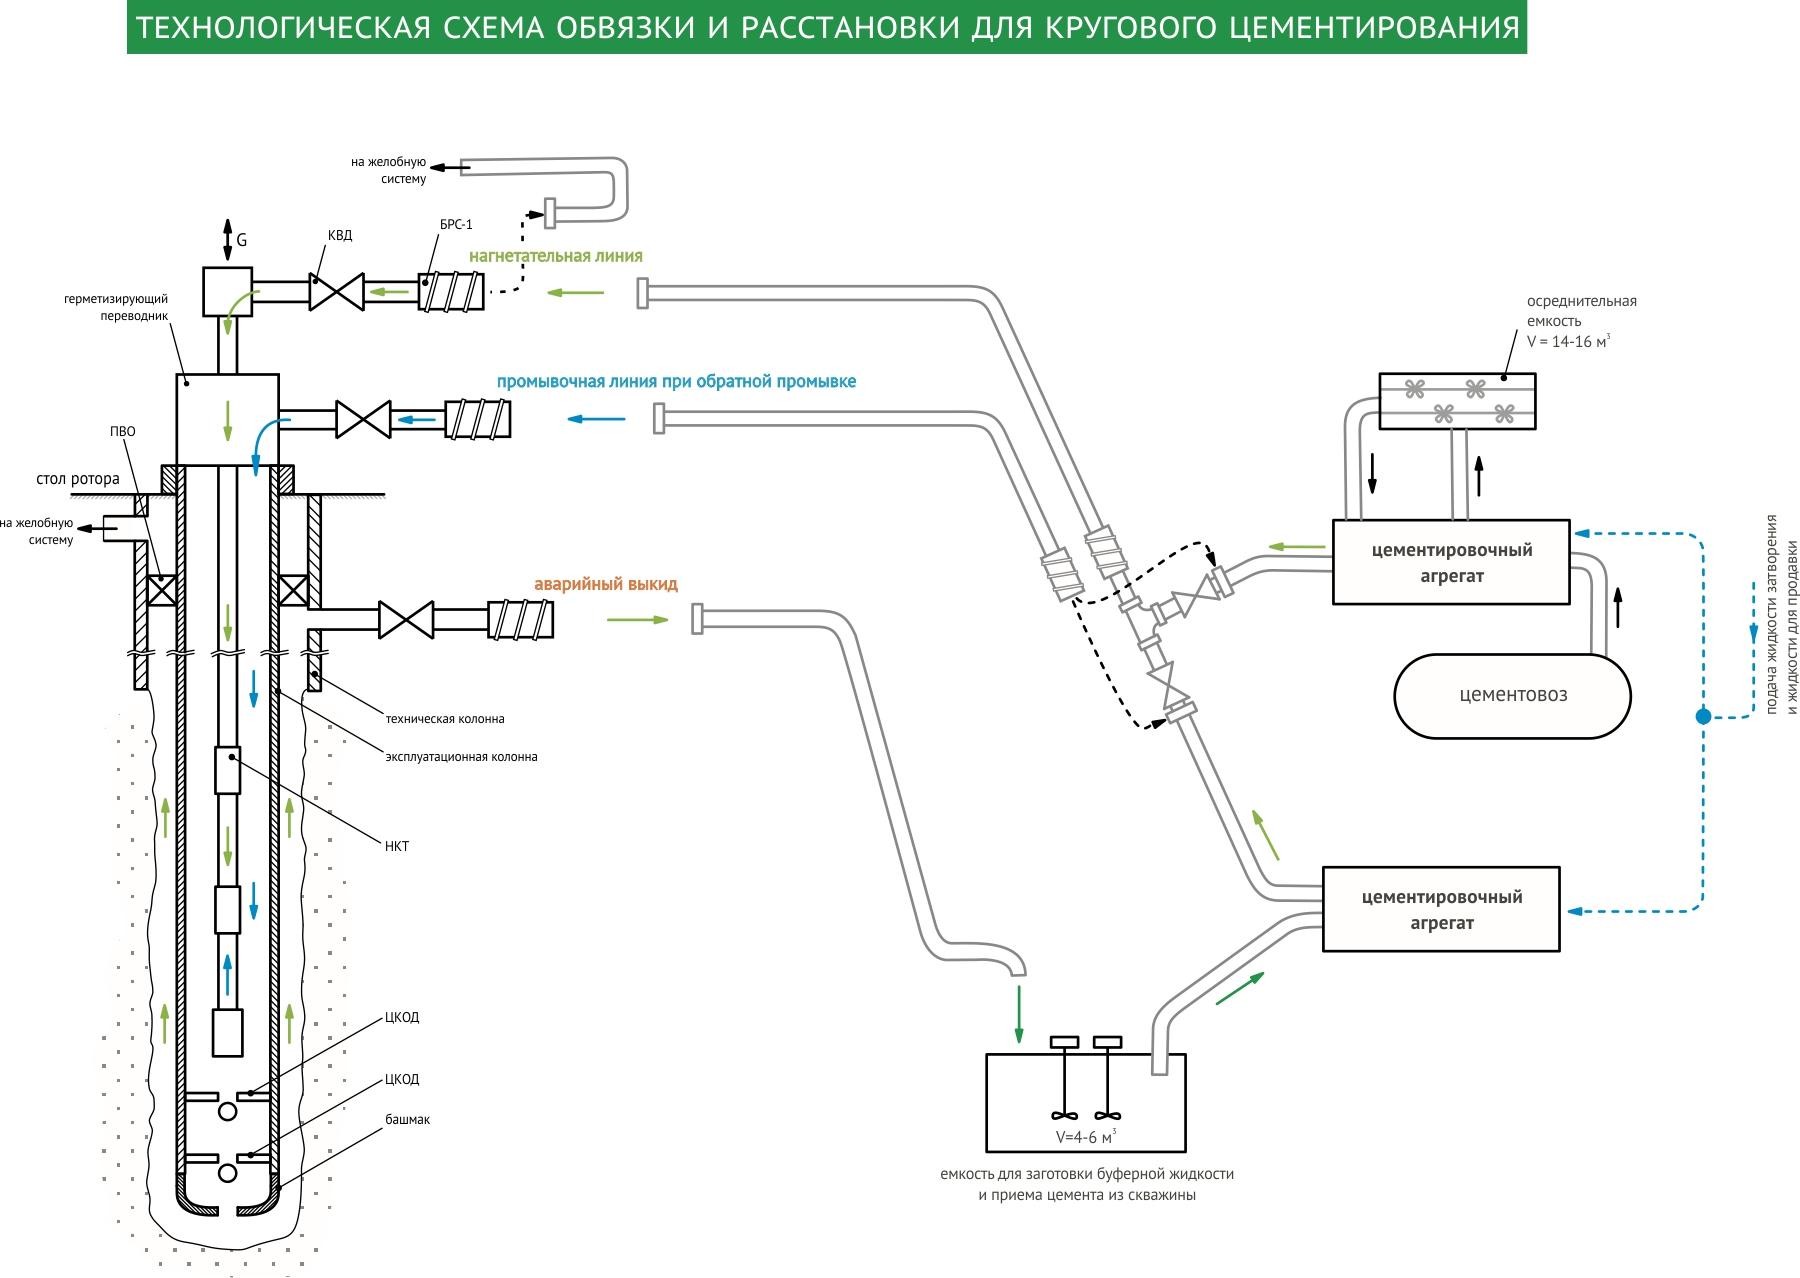 Основные способы и технология проведения цементирования скважин